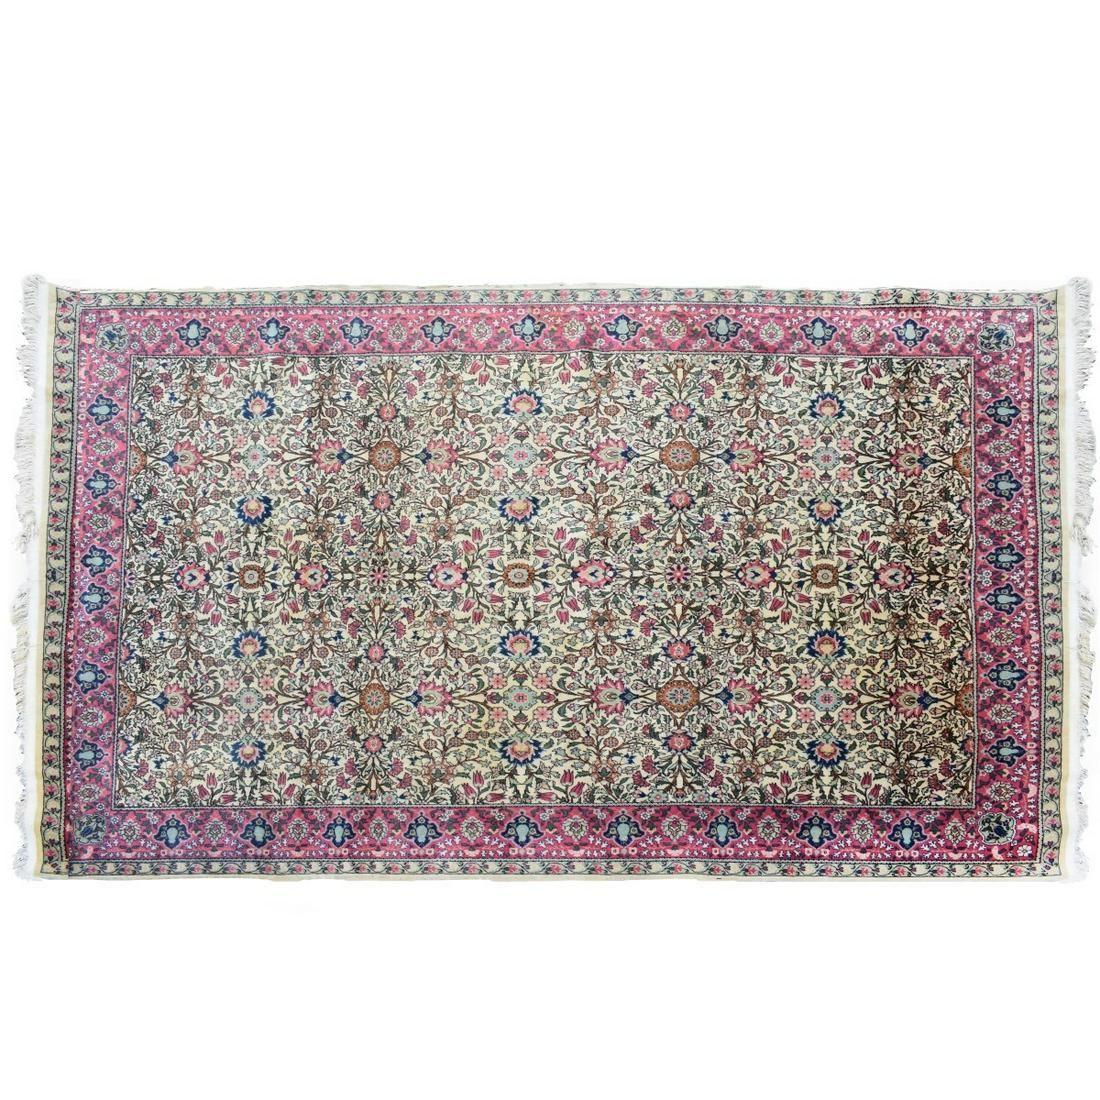 Semi Antique Persian Area Rug